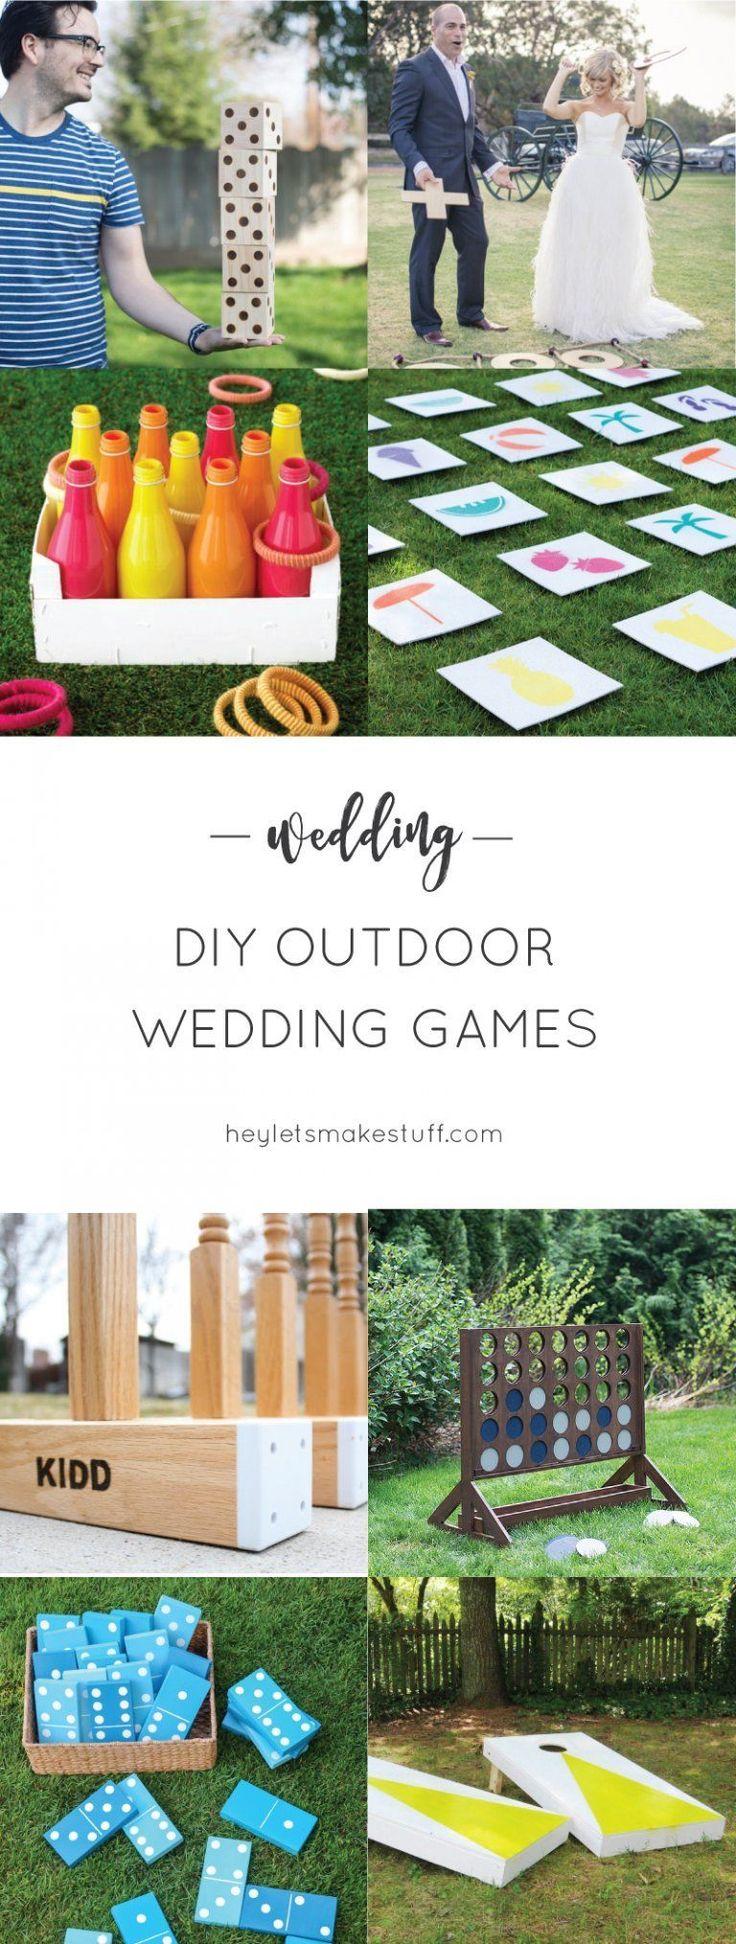 Wenn Sie im Freien heiraten, sorgen Rasenspiele mit Spaß dafür, dass Ihre Gäste rundum unterhalten werden! Toll für Cocktail Stunden und Empfang ...